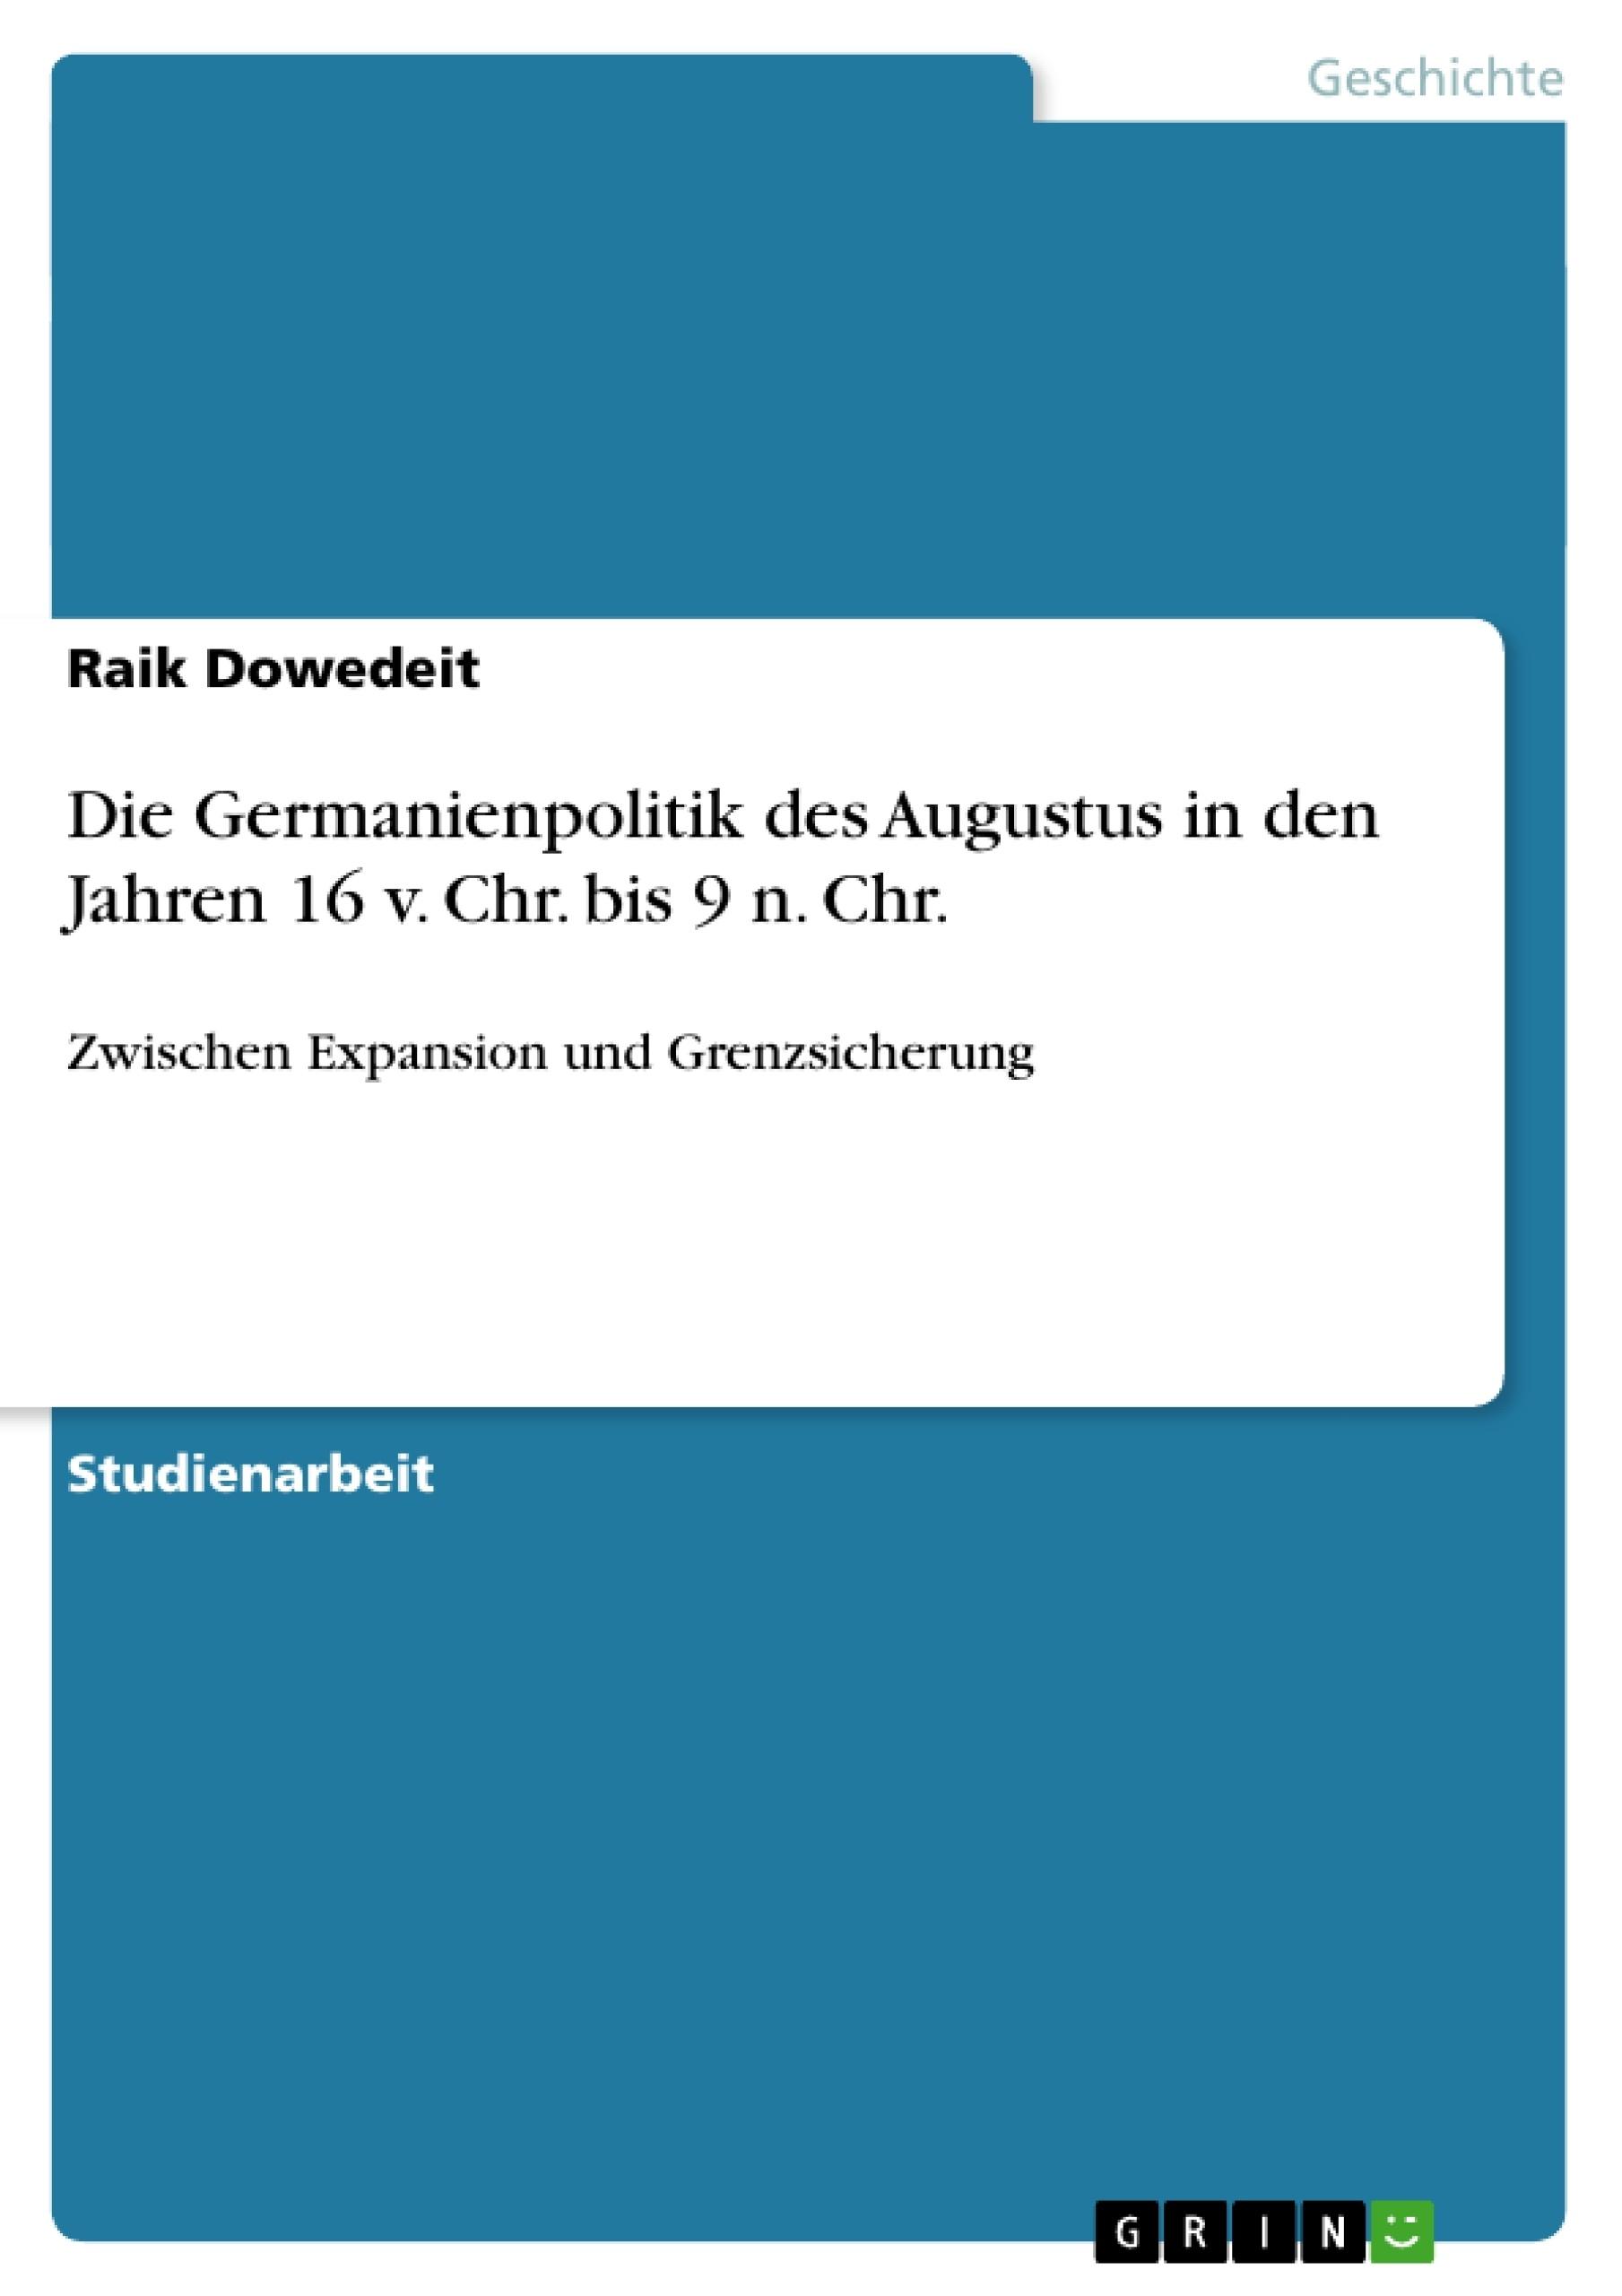 Titel: Die Germanienpolitik des Augustus in den Jahren 16 v. Chr. bis 9 n. Chr.